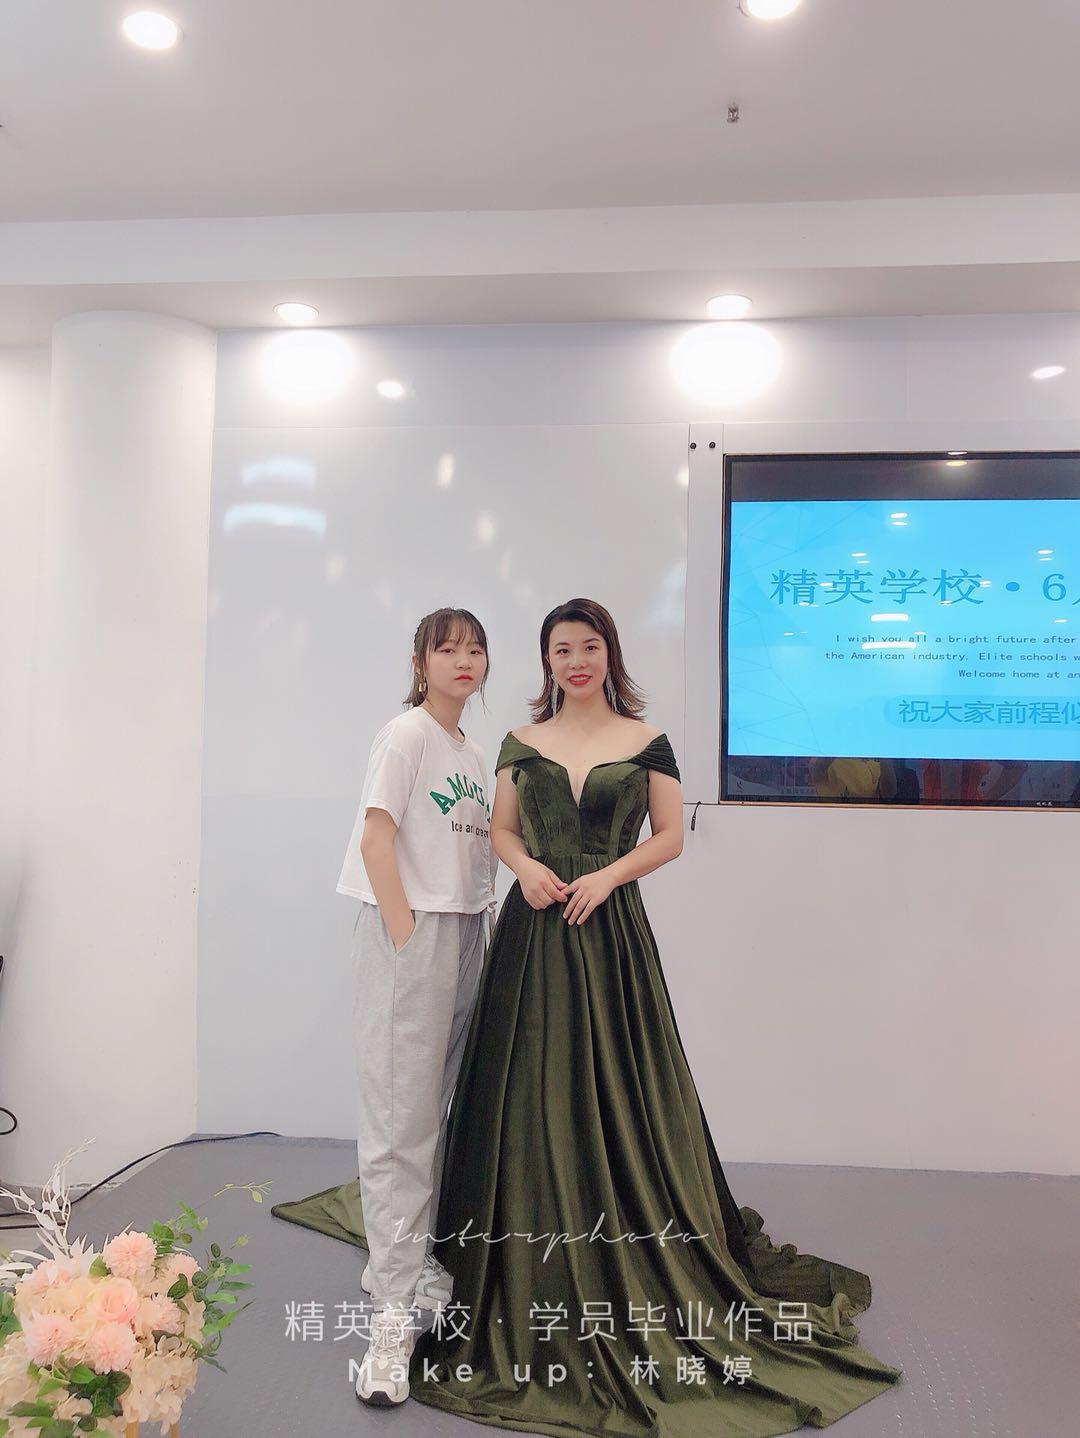 深圳化妝學校精英化妝學校6月畢業學員畢業作品圖片13